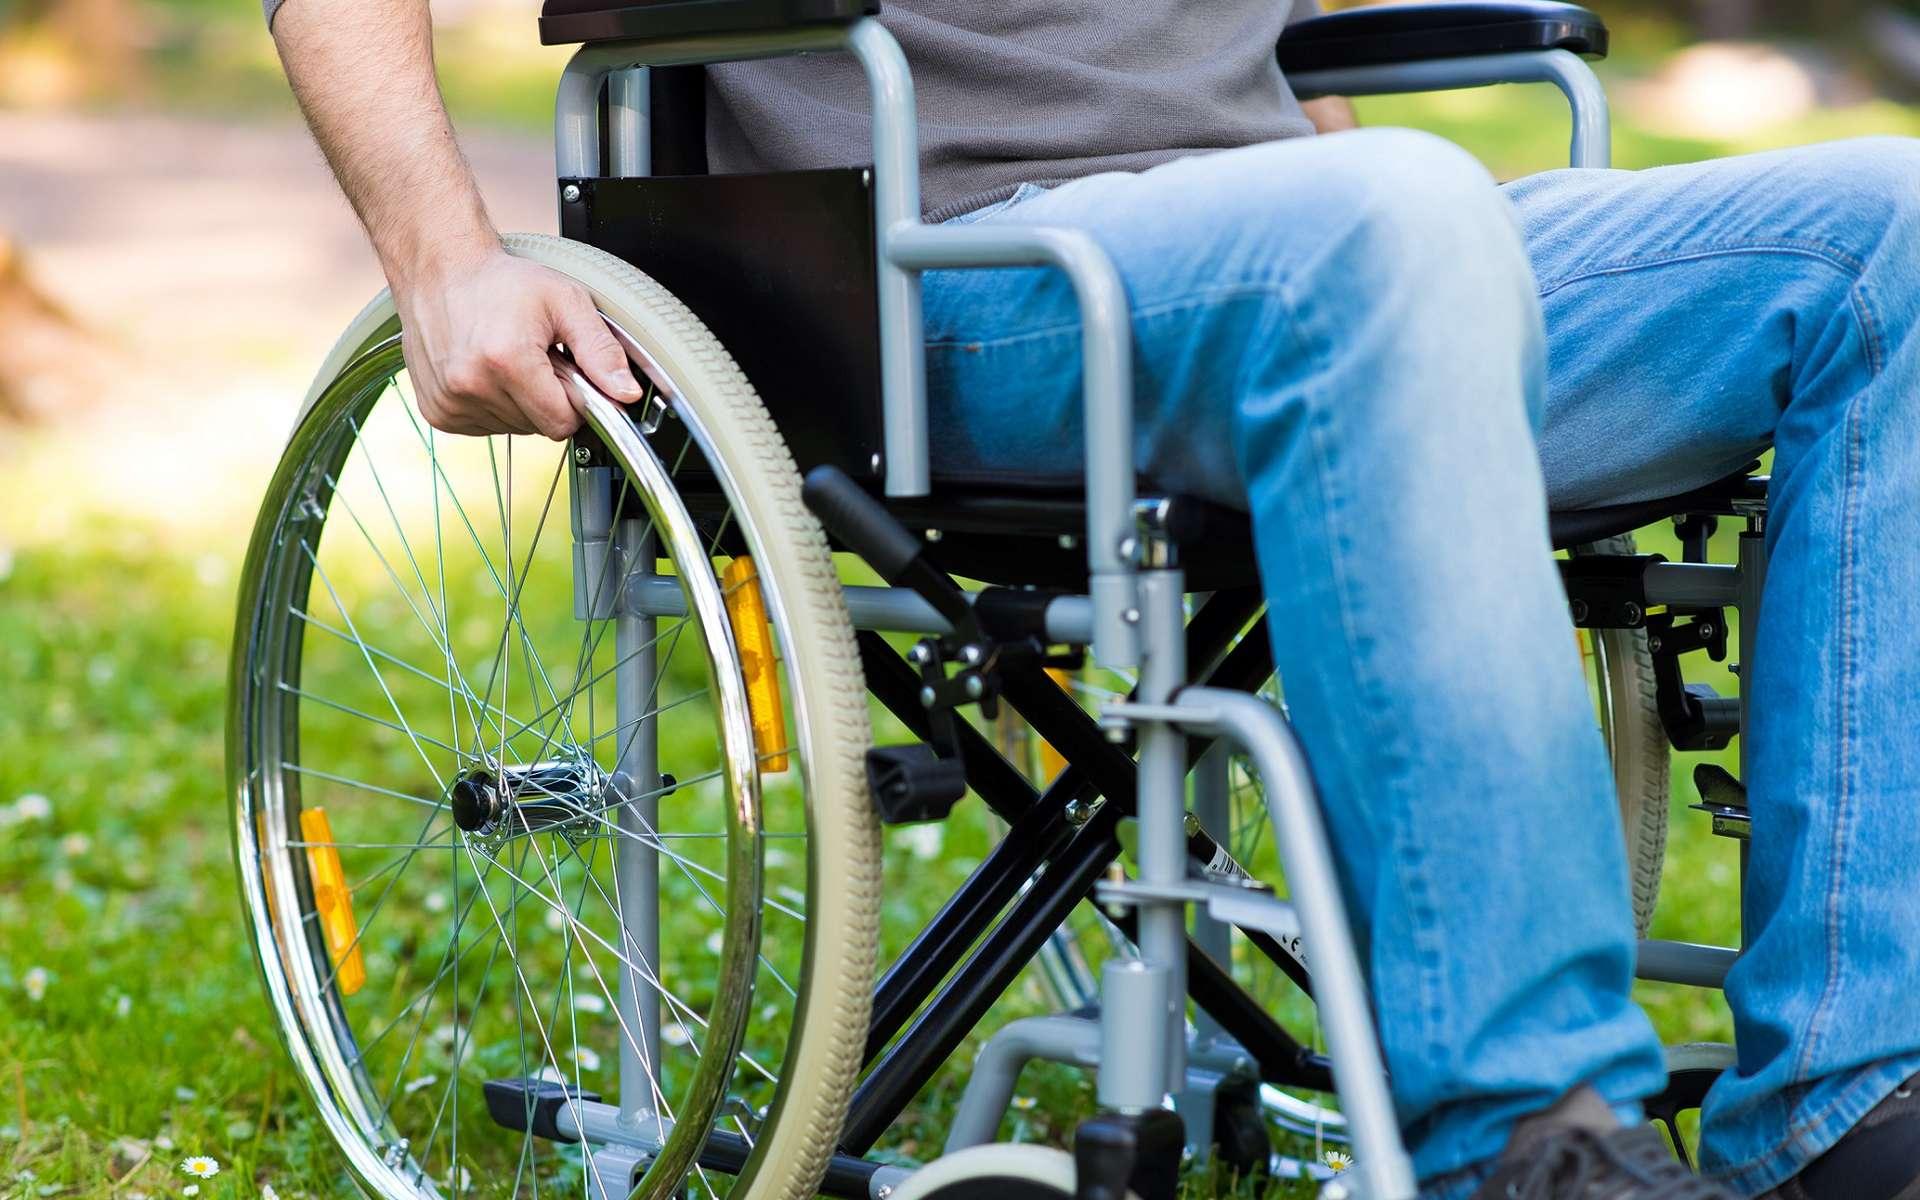 Le syndrome pyramidal peut entraîner la paraplégie, c'est-à-dire la paralysie des deux membres inférieurs. © Minerva Studio, Shutterstock